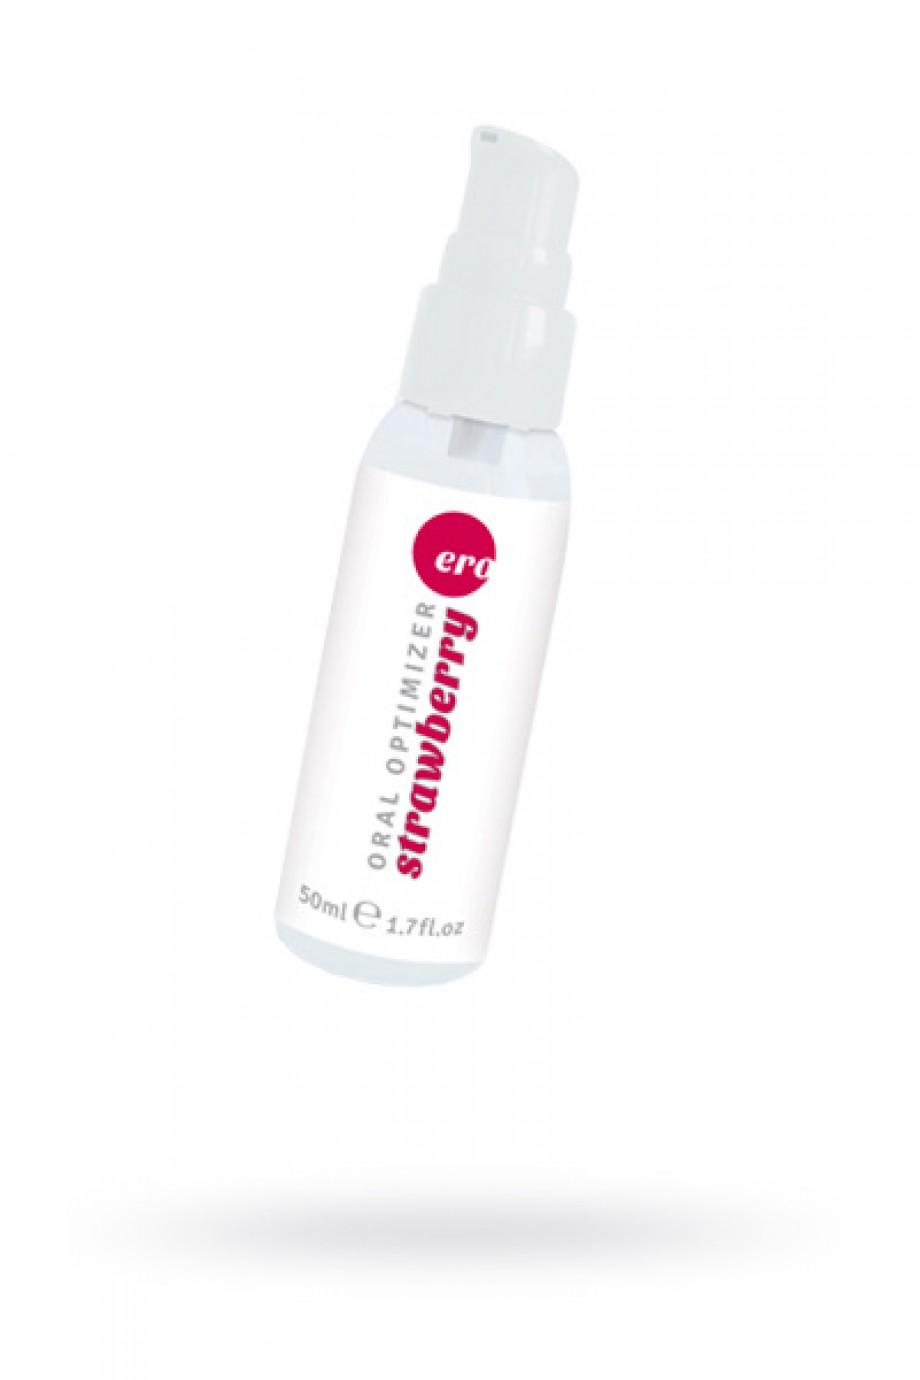 Съедобный гель Gel optimizer для орального секса, с охлаждающим эффектом, со вкусом клубники, 50 мл